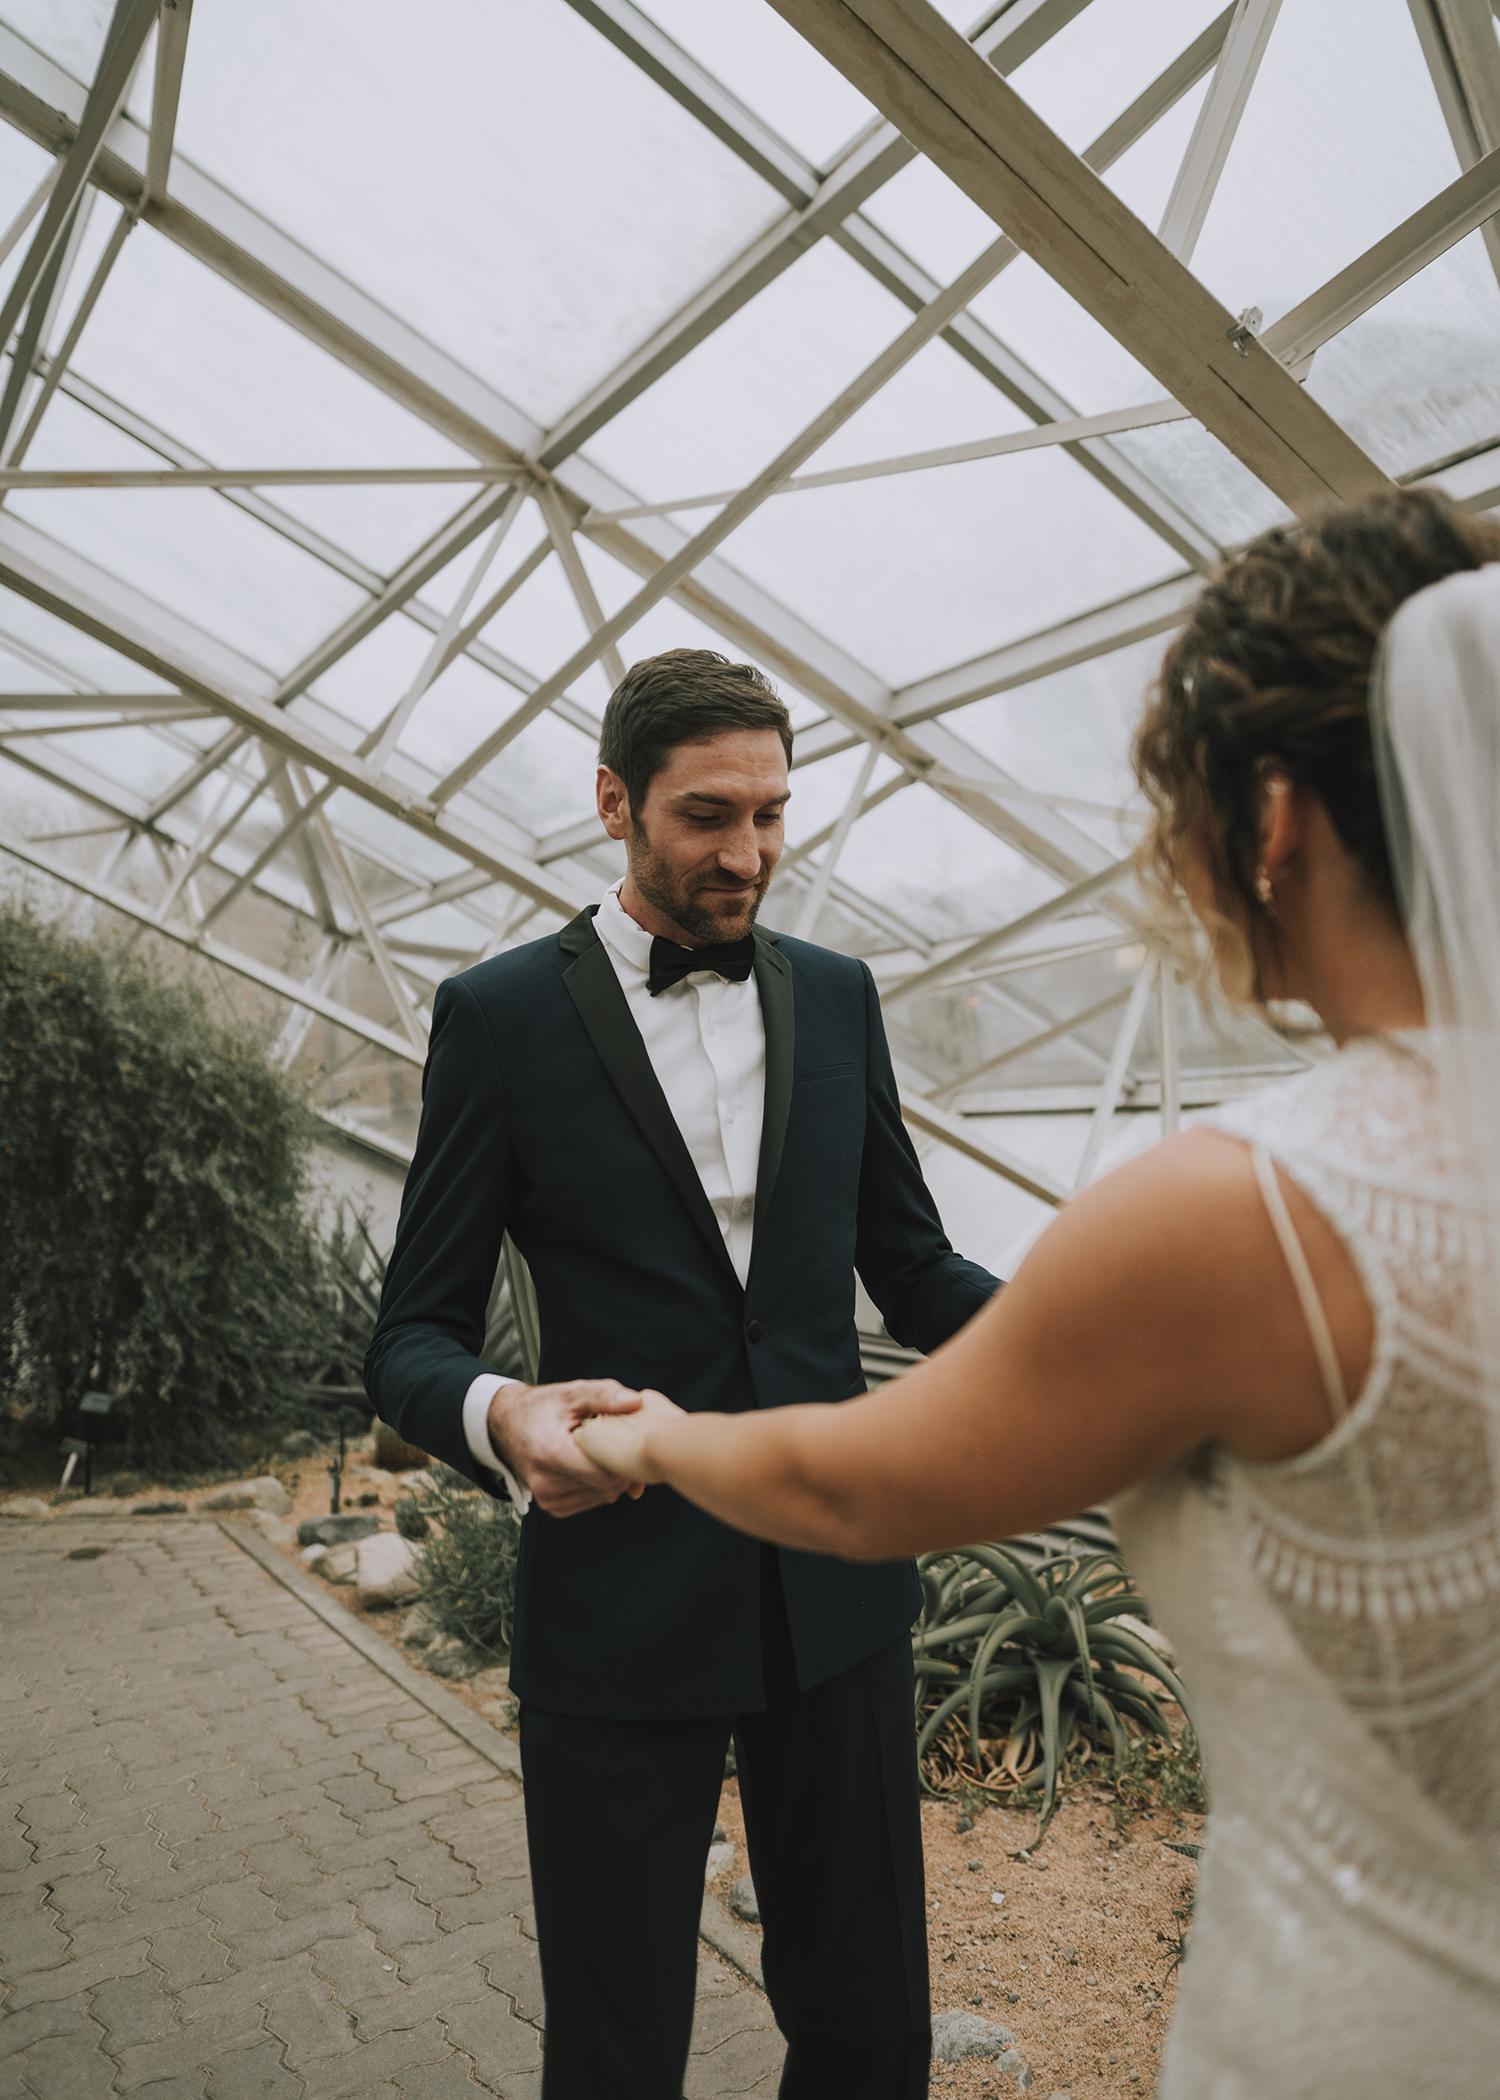 Wedding photographer Foellinger-Freimann Botanical Conservatory Hannah Bergman Photography indianapolis indiana